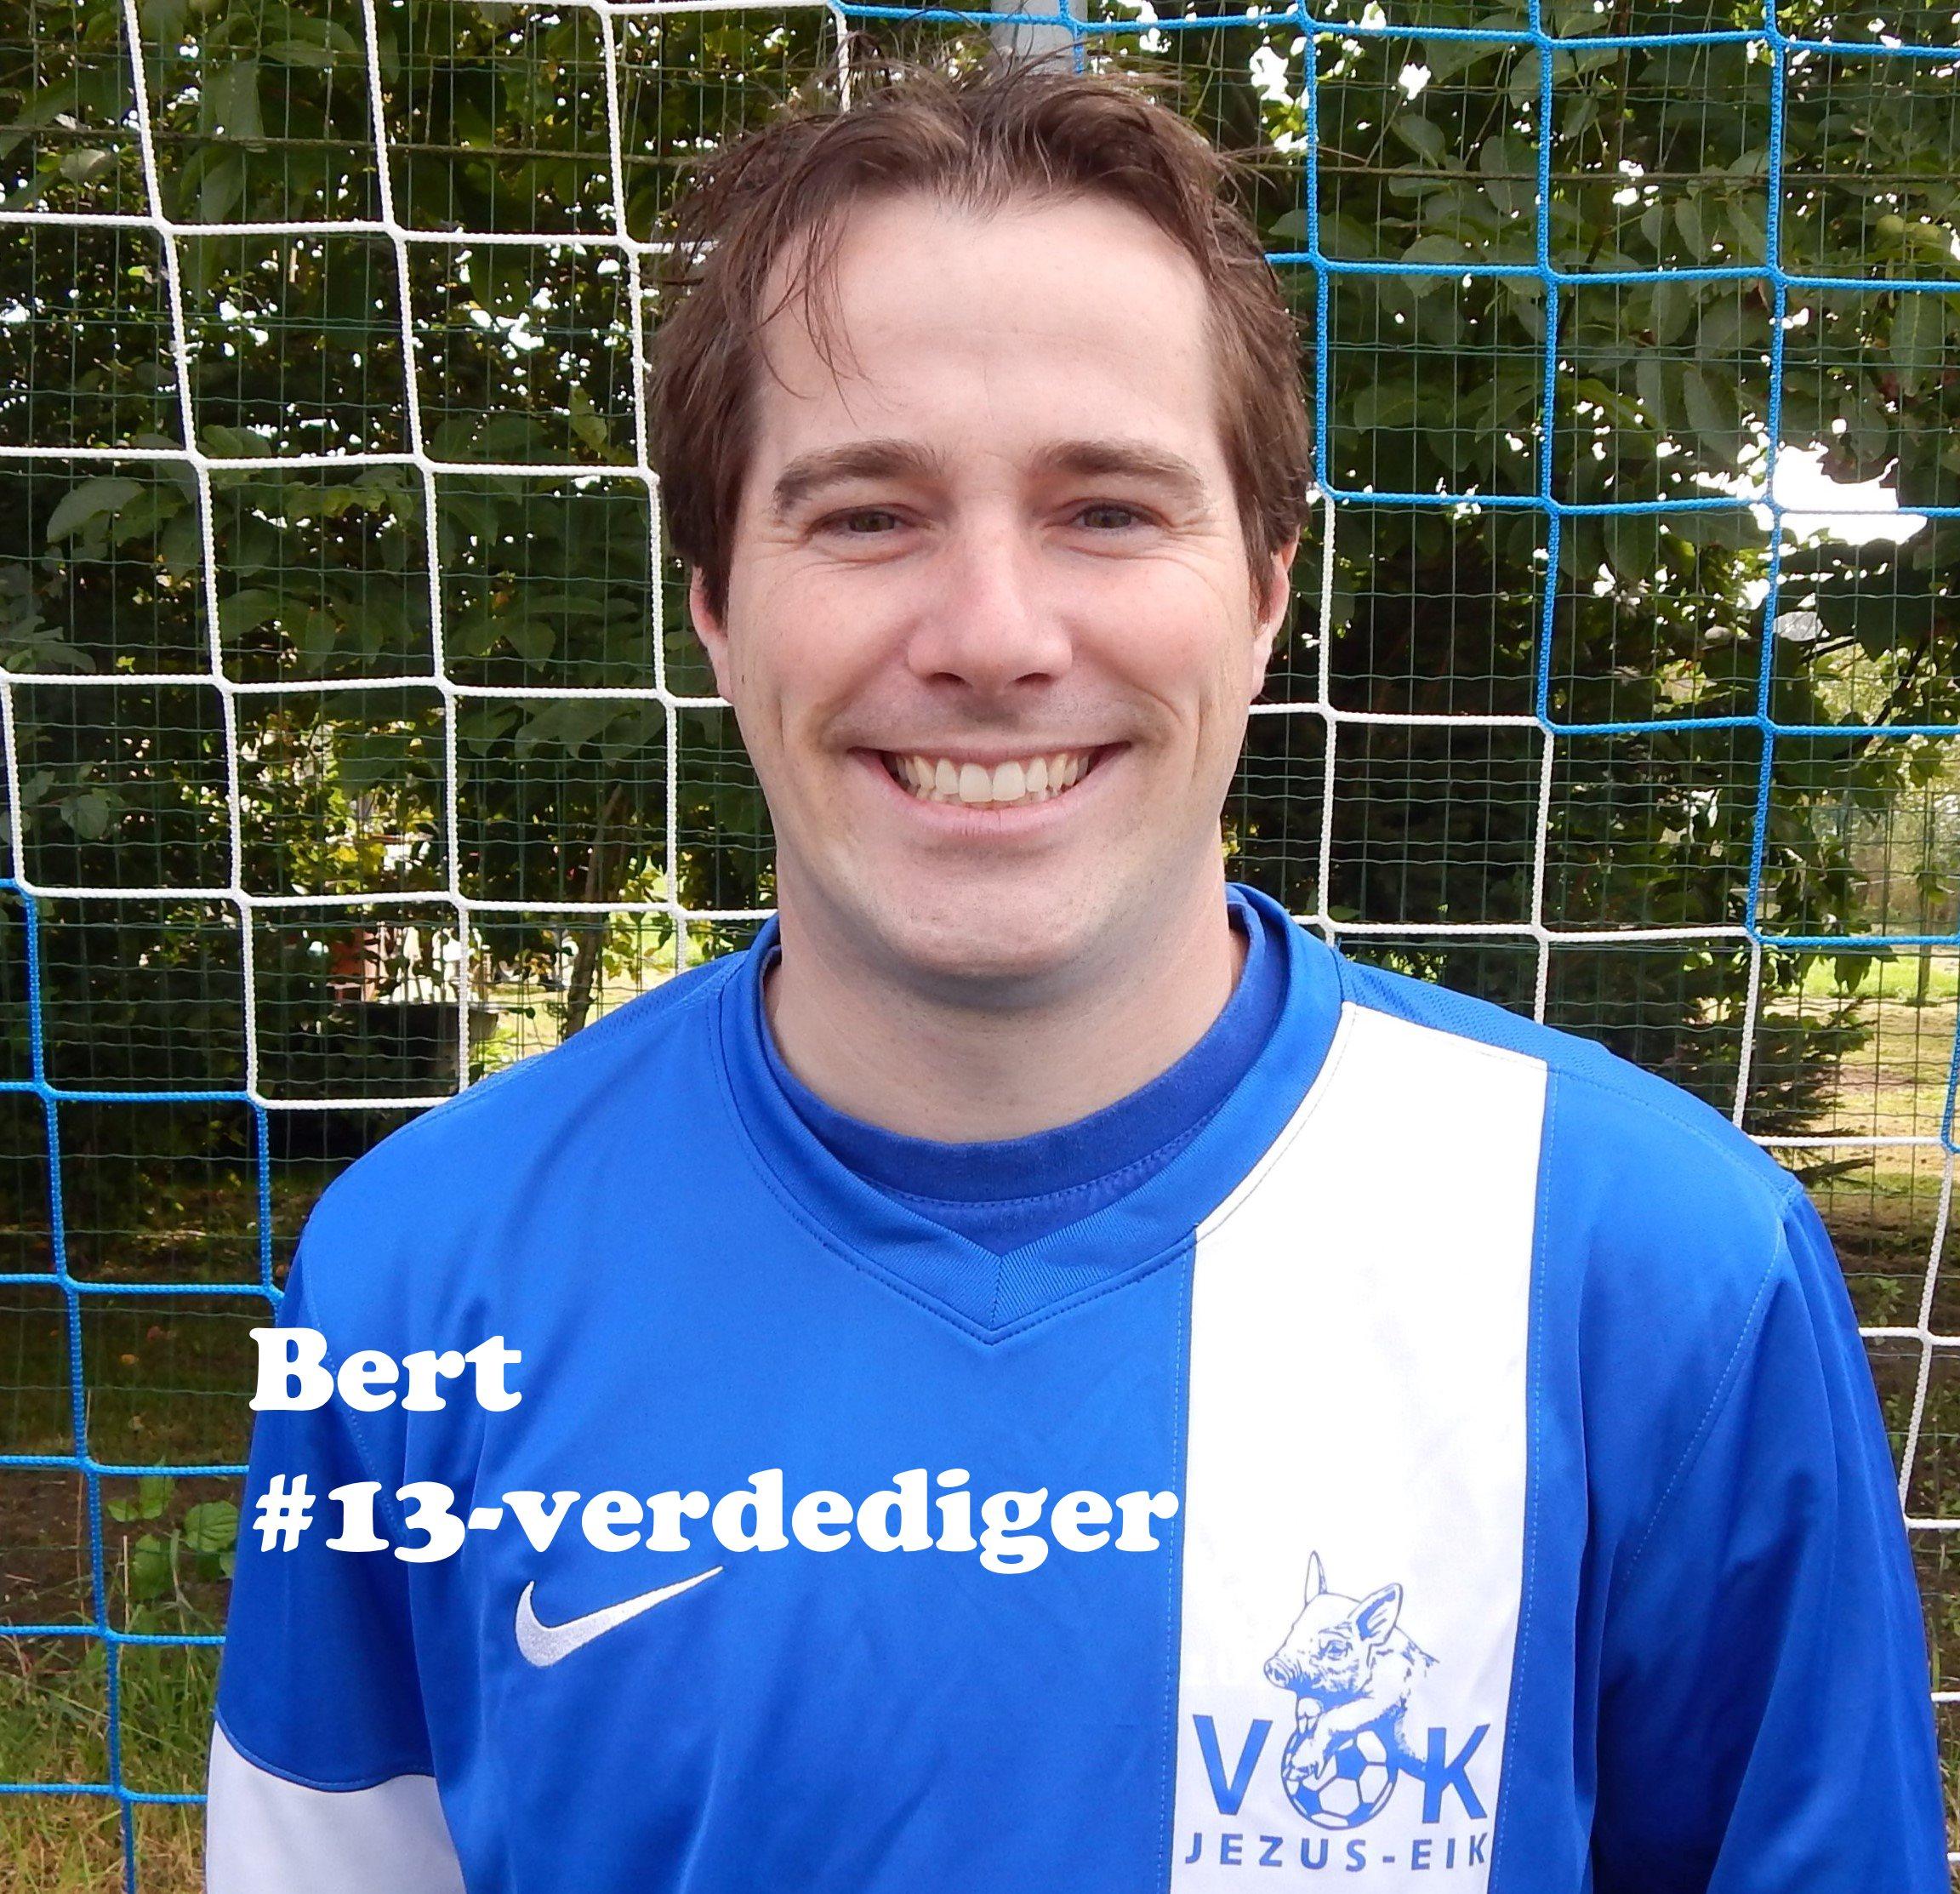 Bert - Verdediger - 13